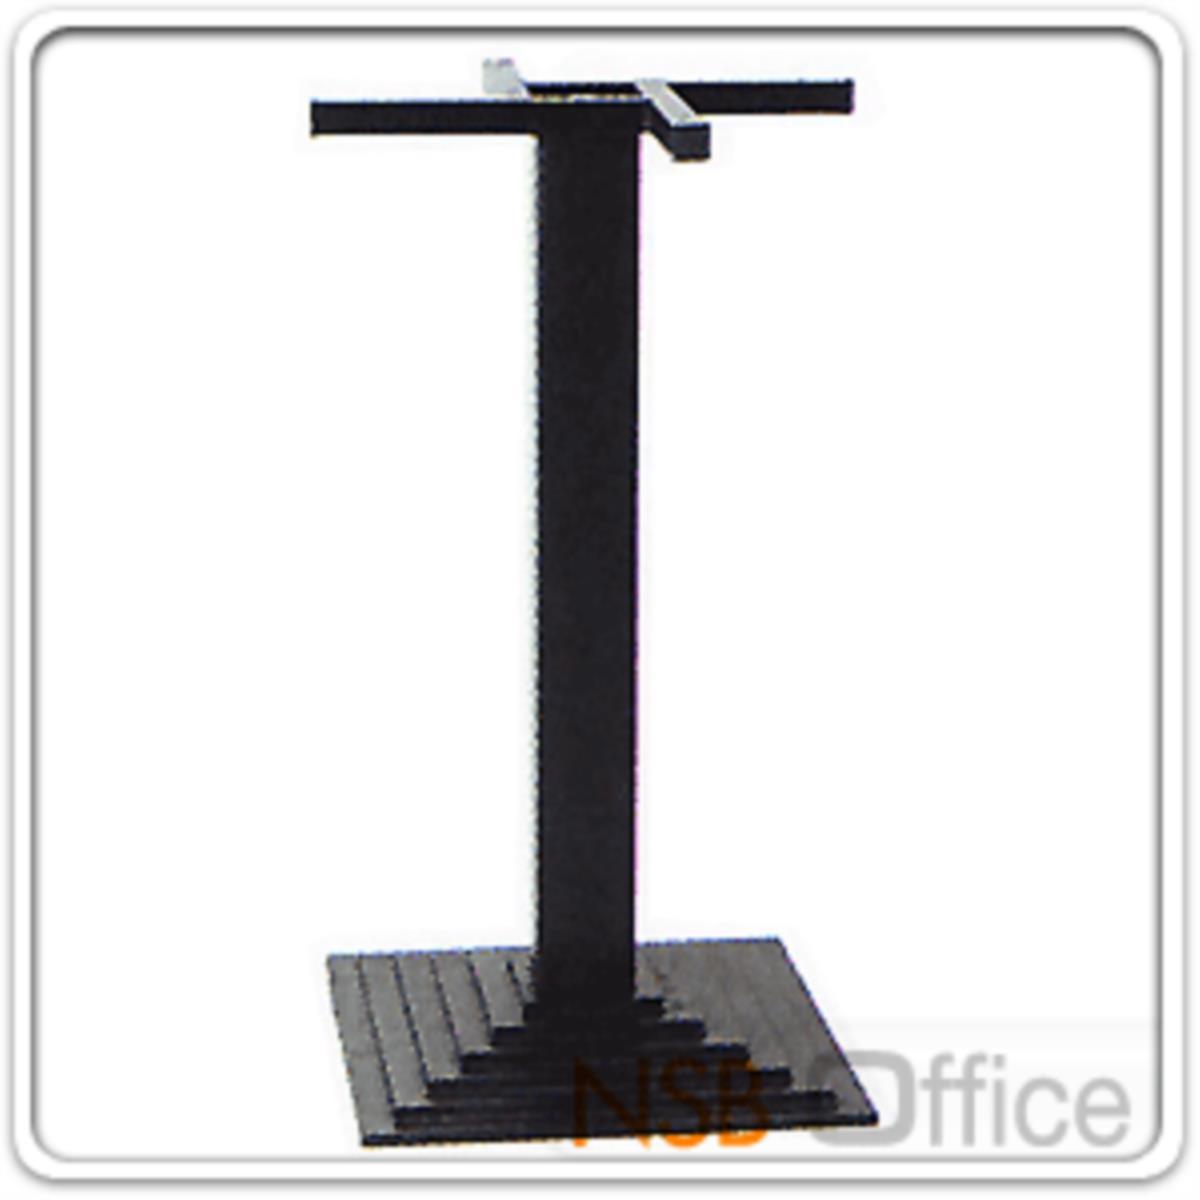 ขาโต๊ะบาร์ รุ่น Packard (แพ็คคาร์ด) ขนาด 37W*70H cm.  ขาเหล็กจานเหลี่ยมพ่นดำ